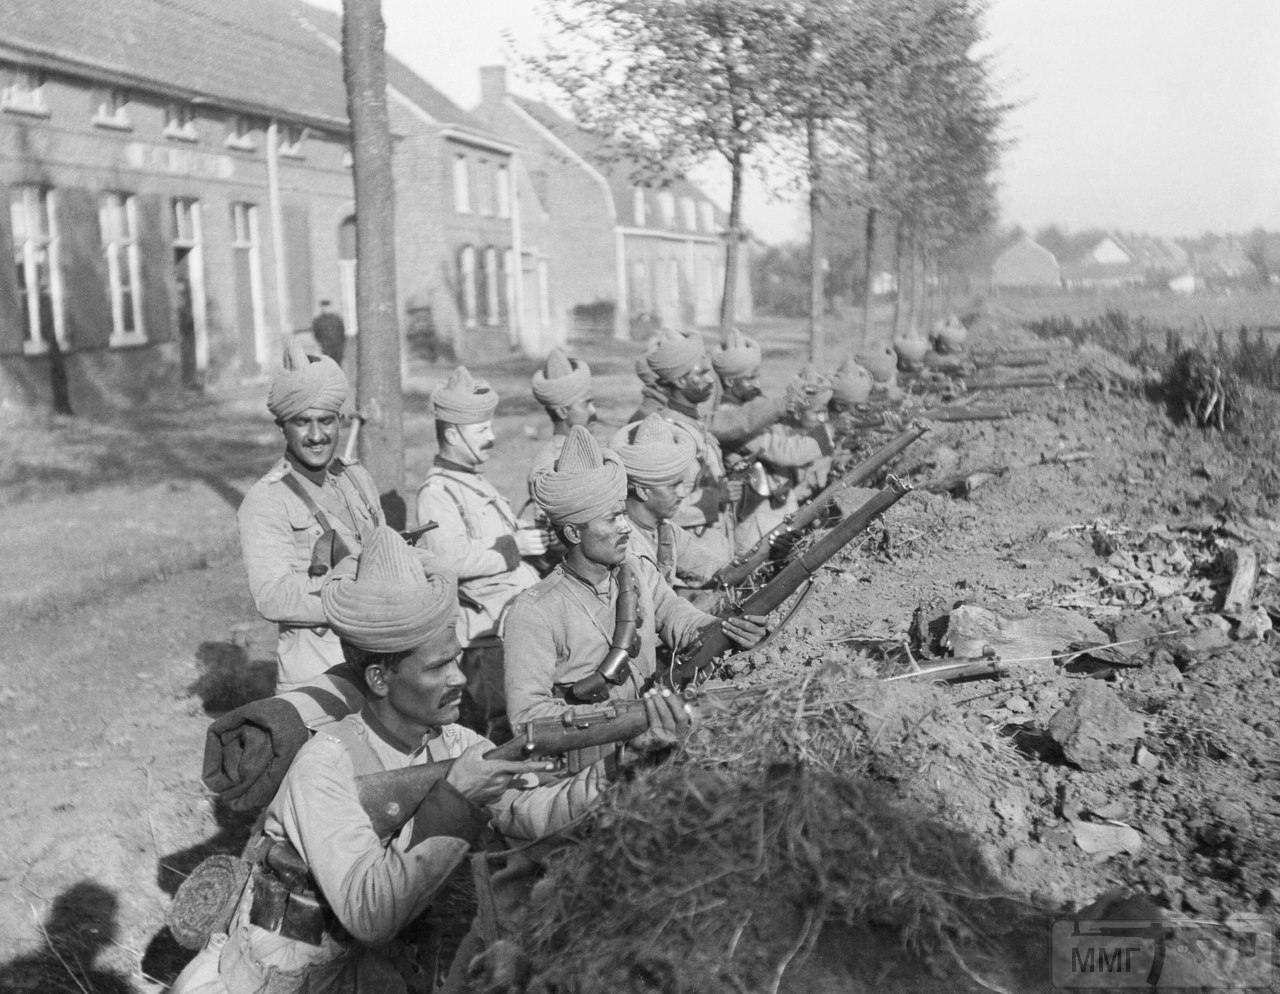 19243 - Вице-королевские офицеры (Viceroy Commissioned Officer, VCO) и другие бойцы 57-го уайлдского стрелкового полка (57th Wilde's Rifles (Frontier Force)) на боевых позициях на окраинах бельгийской коммуны Вейтсате (Wytschaete), октябрь 1914 г. Дома на заднем плане свидетельствуют о том, как близко располагалась линия фронта.